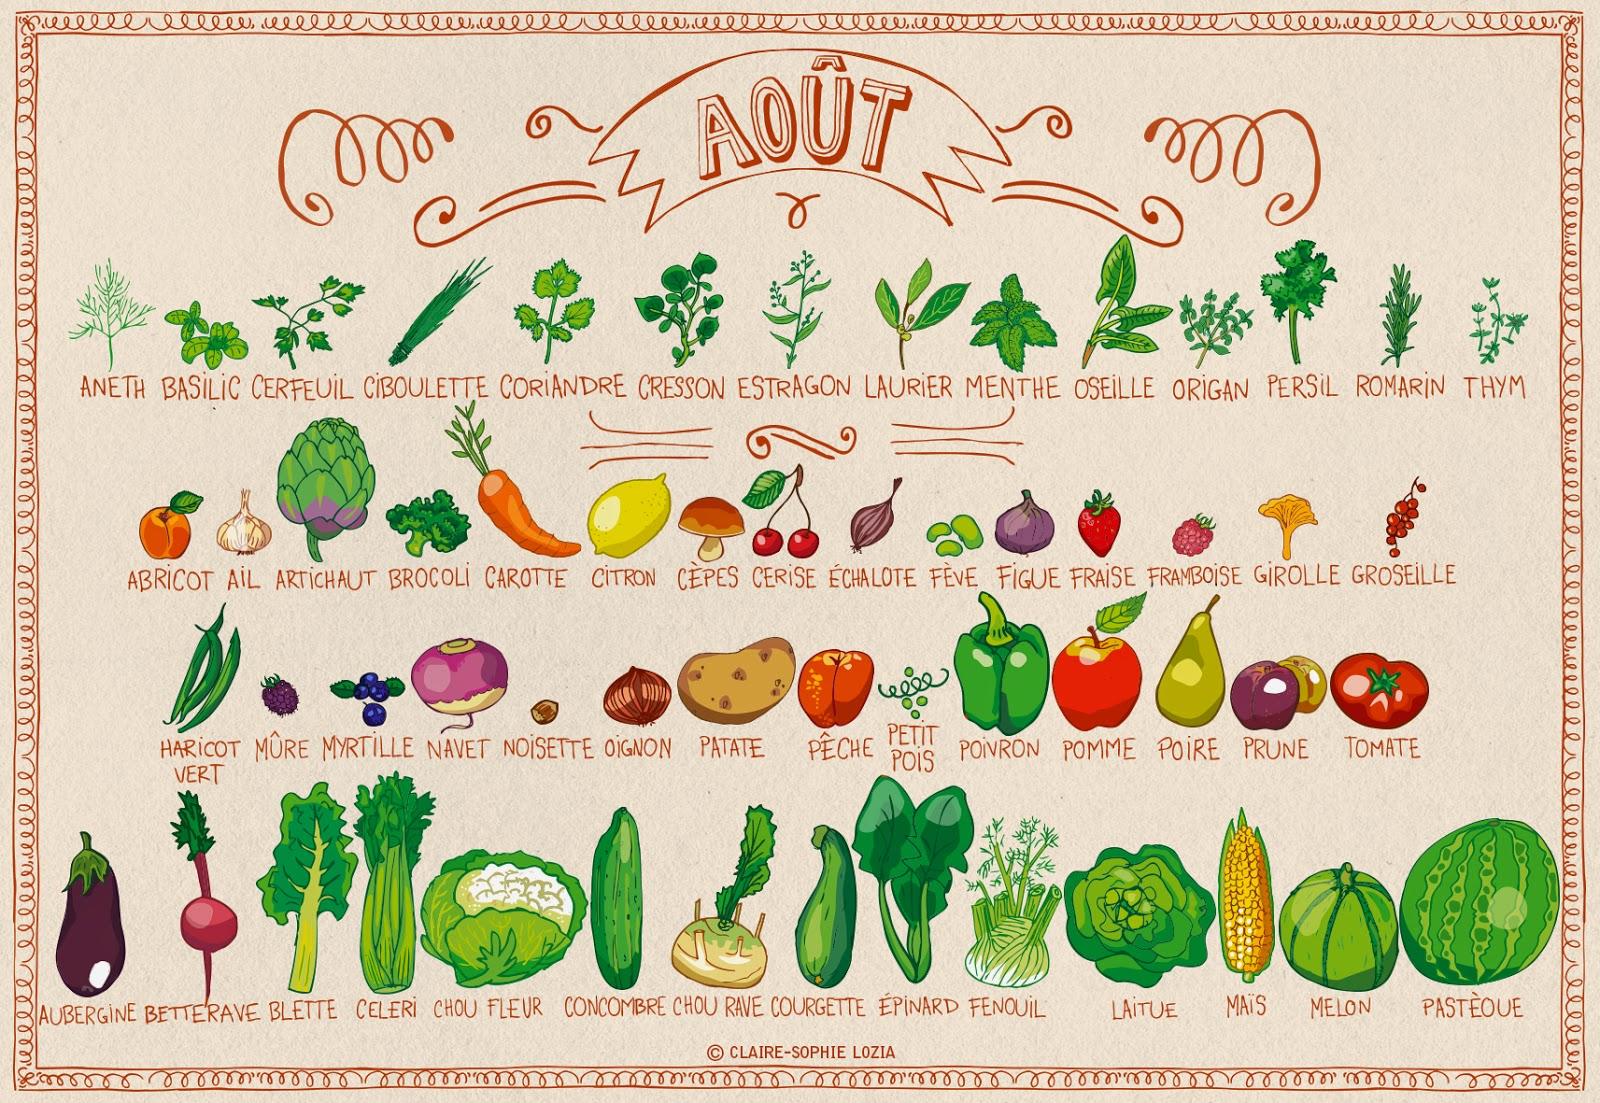 légumes et fruits saison aout